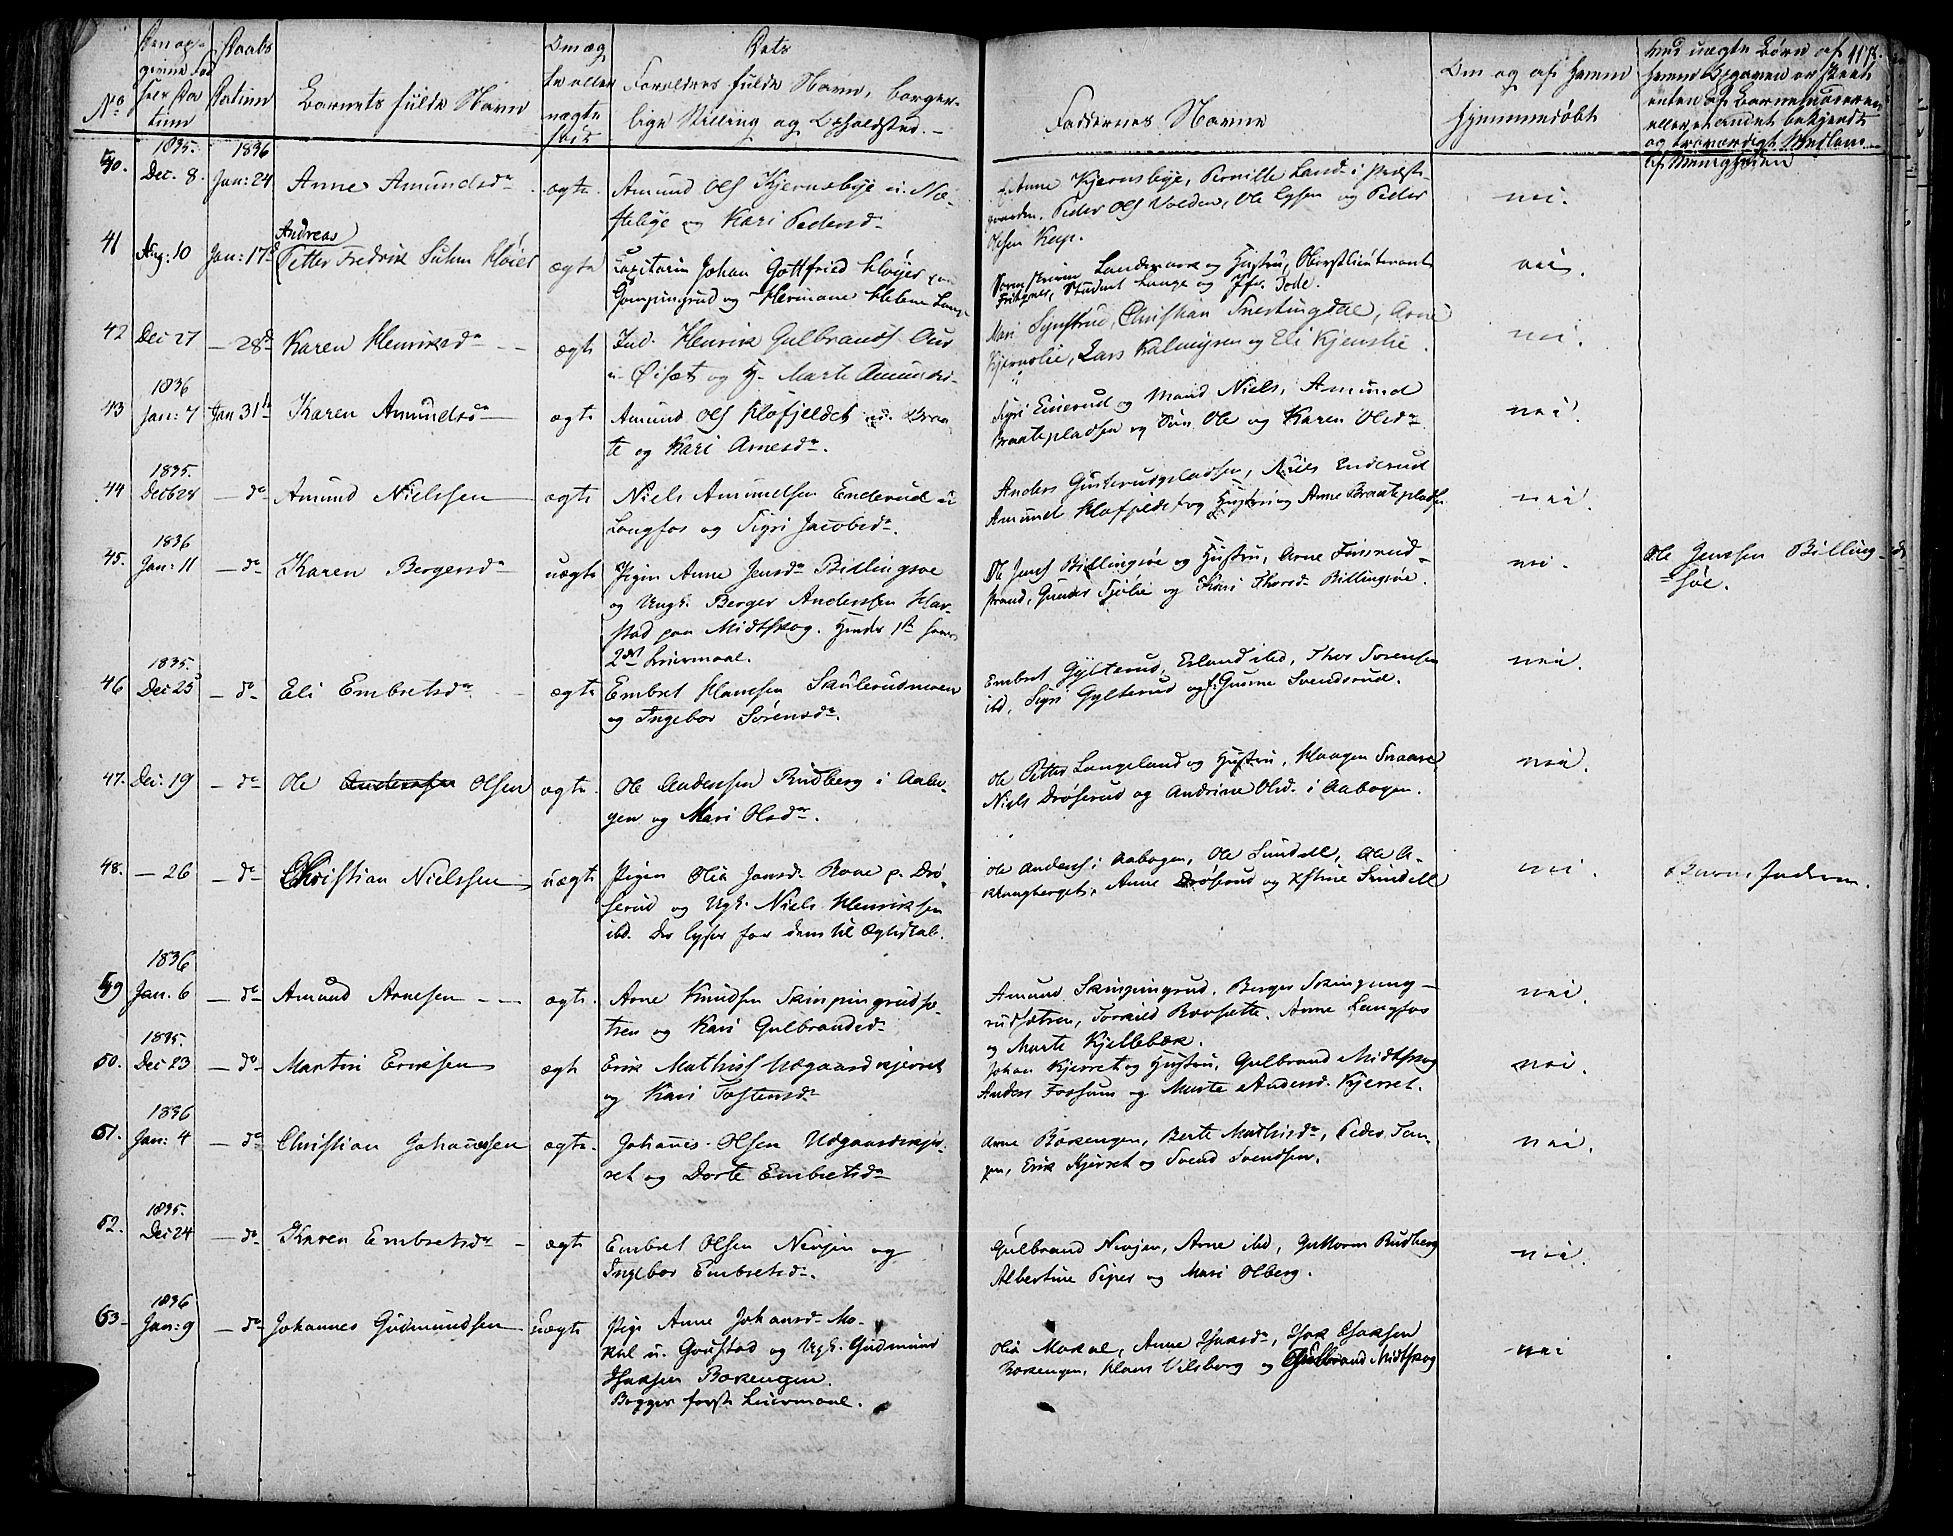 SAH, Vinger prestekontor, Ministerialbok nr. 7, 1826-1839, s. 117